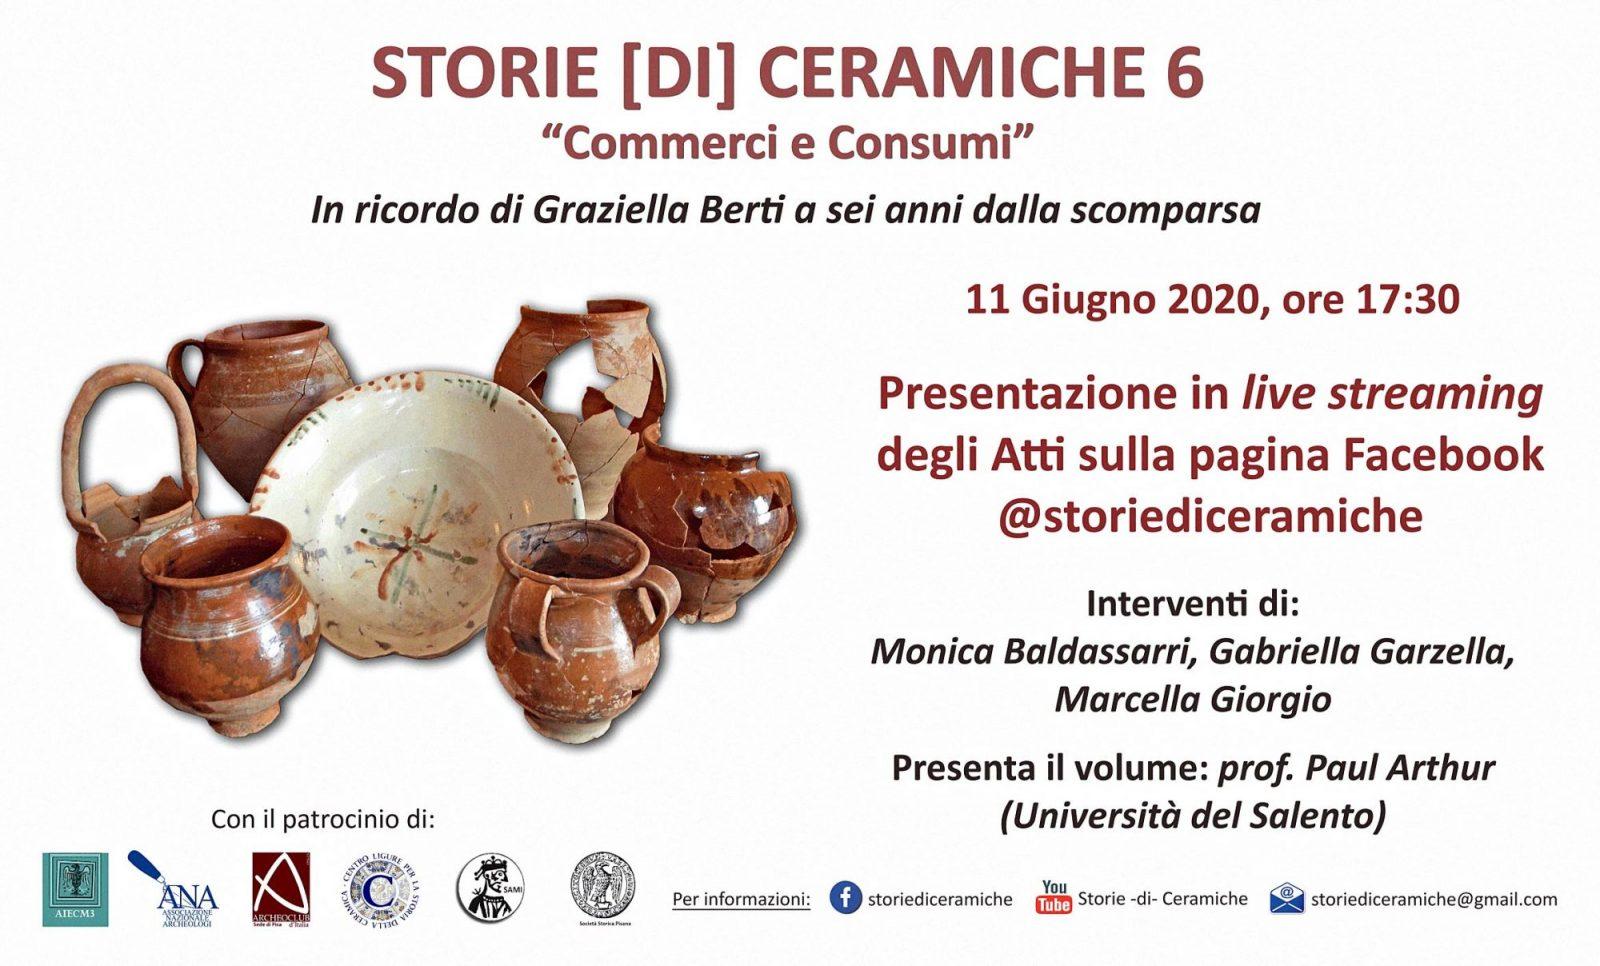 Storie [di] Ceramiche 6. Commerci e Consumi, presentazione.